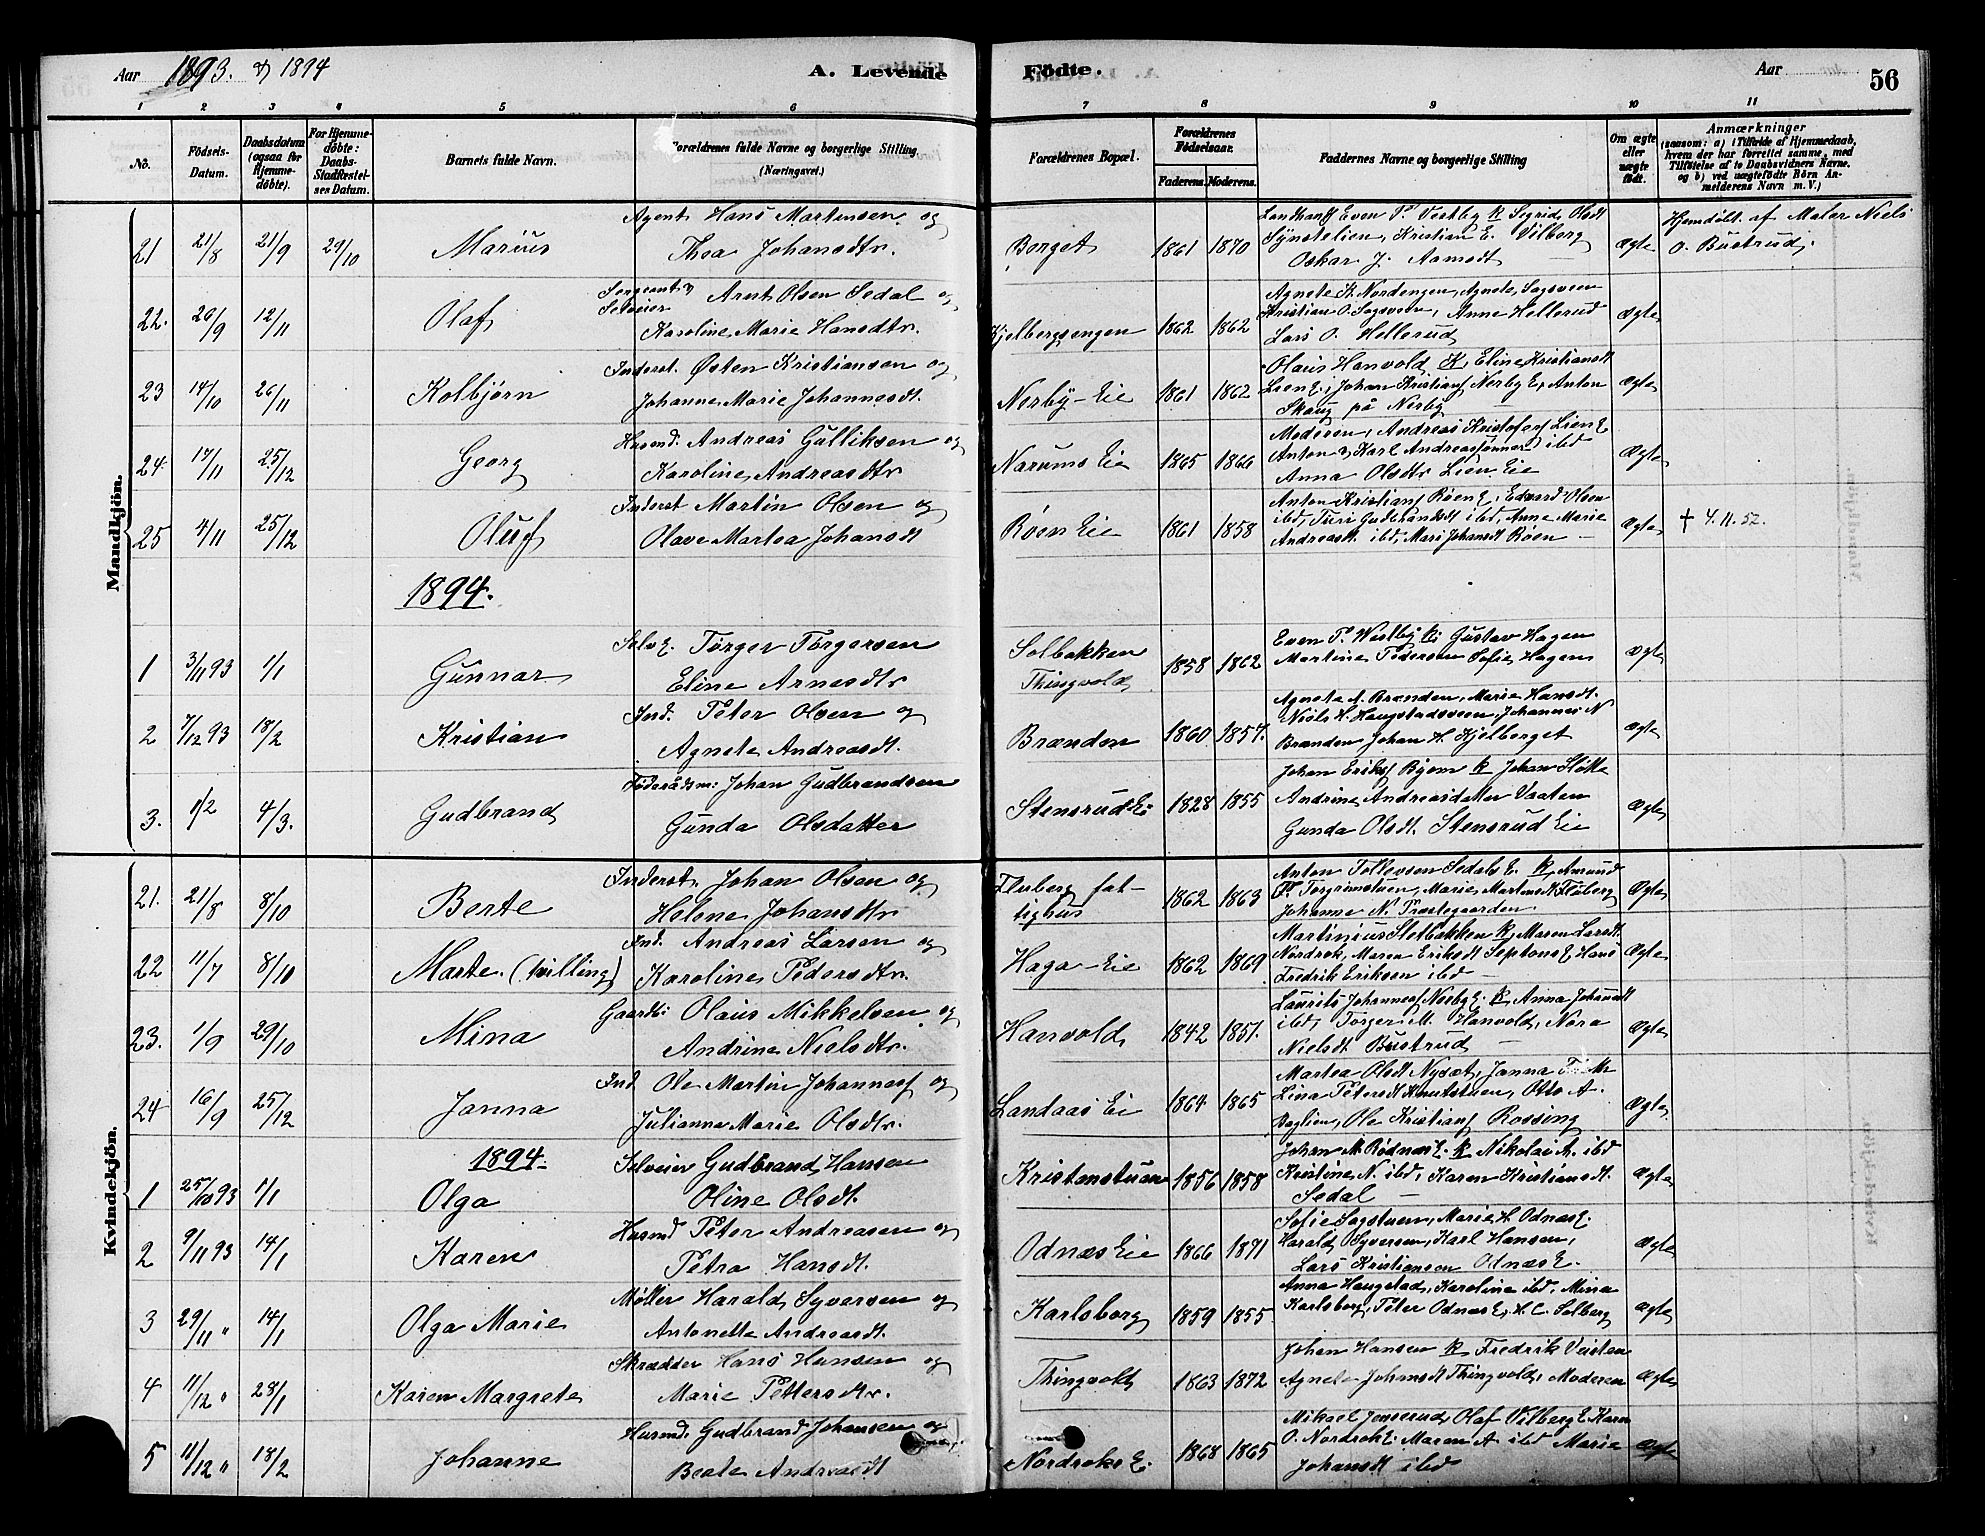 SAH, Søndre Land prestekontor, K/L0002: Ministerialbok nr. 2, 1878-1894, s. 56